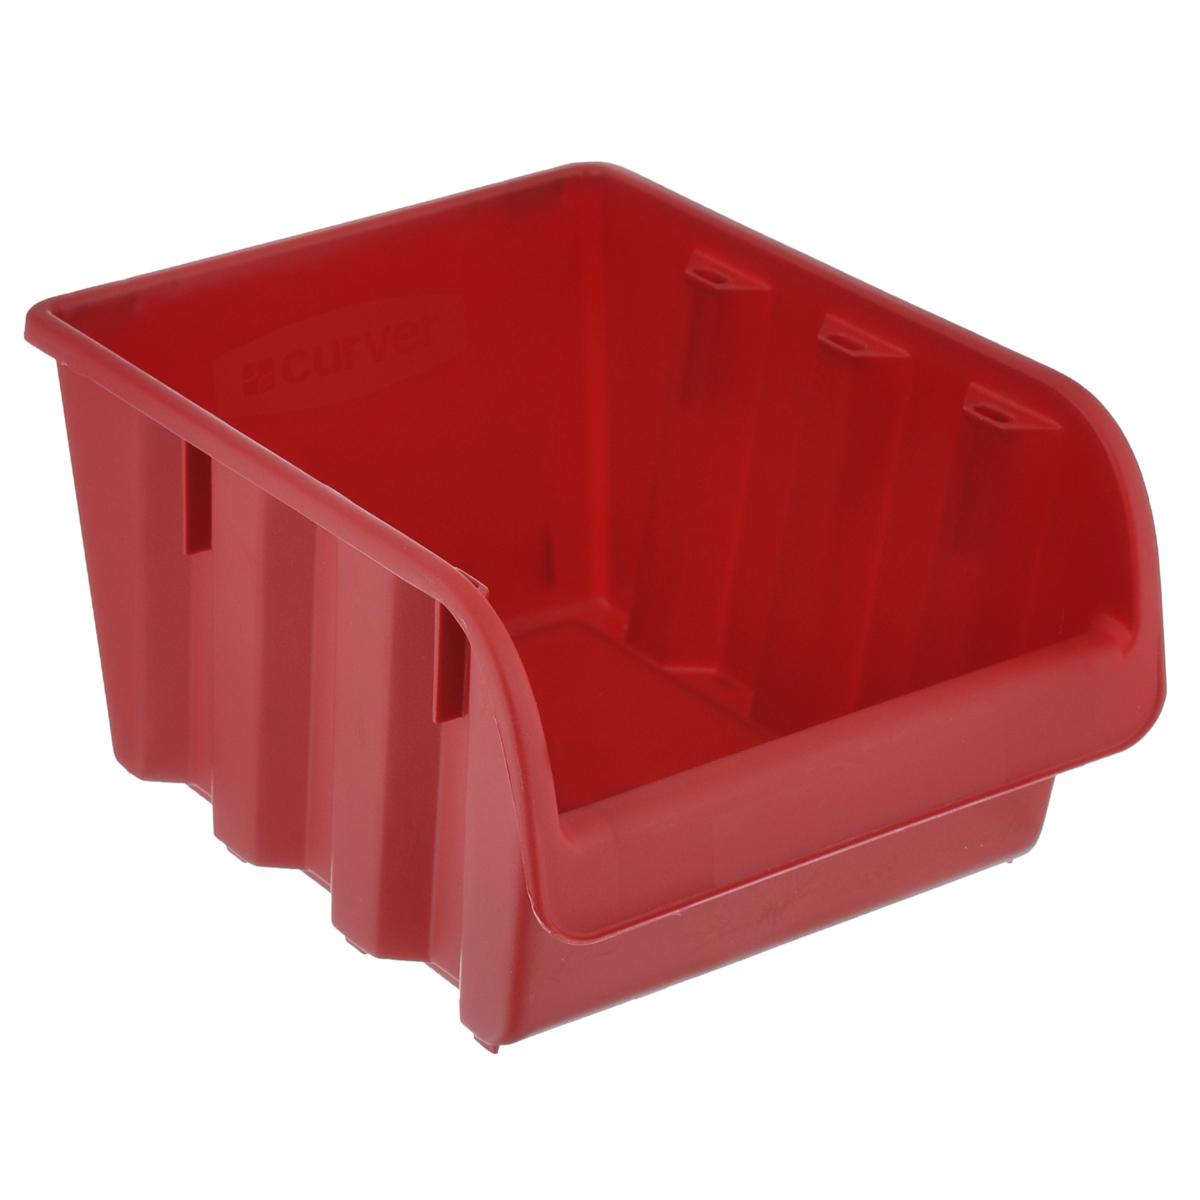 Емкость складская Curver Profi №4, цвет: красный, 24 х 17,2 х 13 см4954_красныйЕмкость Curver Profi №4 выполнена из высококачественного пластика и предназначена для хранения инструментов и различных складских мелочей, таких как гвозди, болты, гайки. Удобная конструкция изделия позволяет без труда достать из емкости нужную вещь. Емкость Curver Profi №4 будет незаменимой дома, на даче или в гараже.